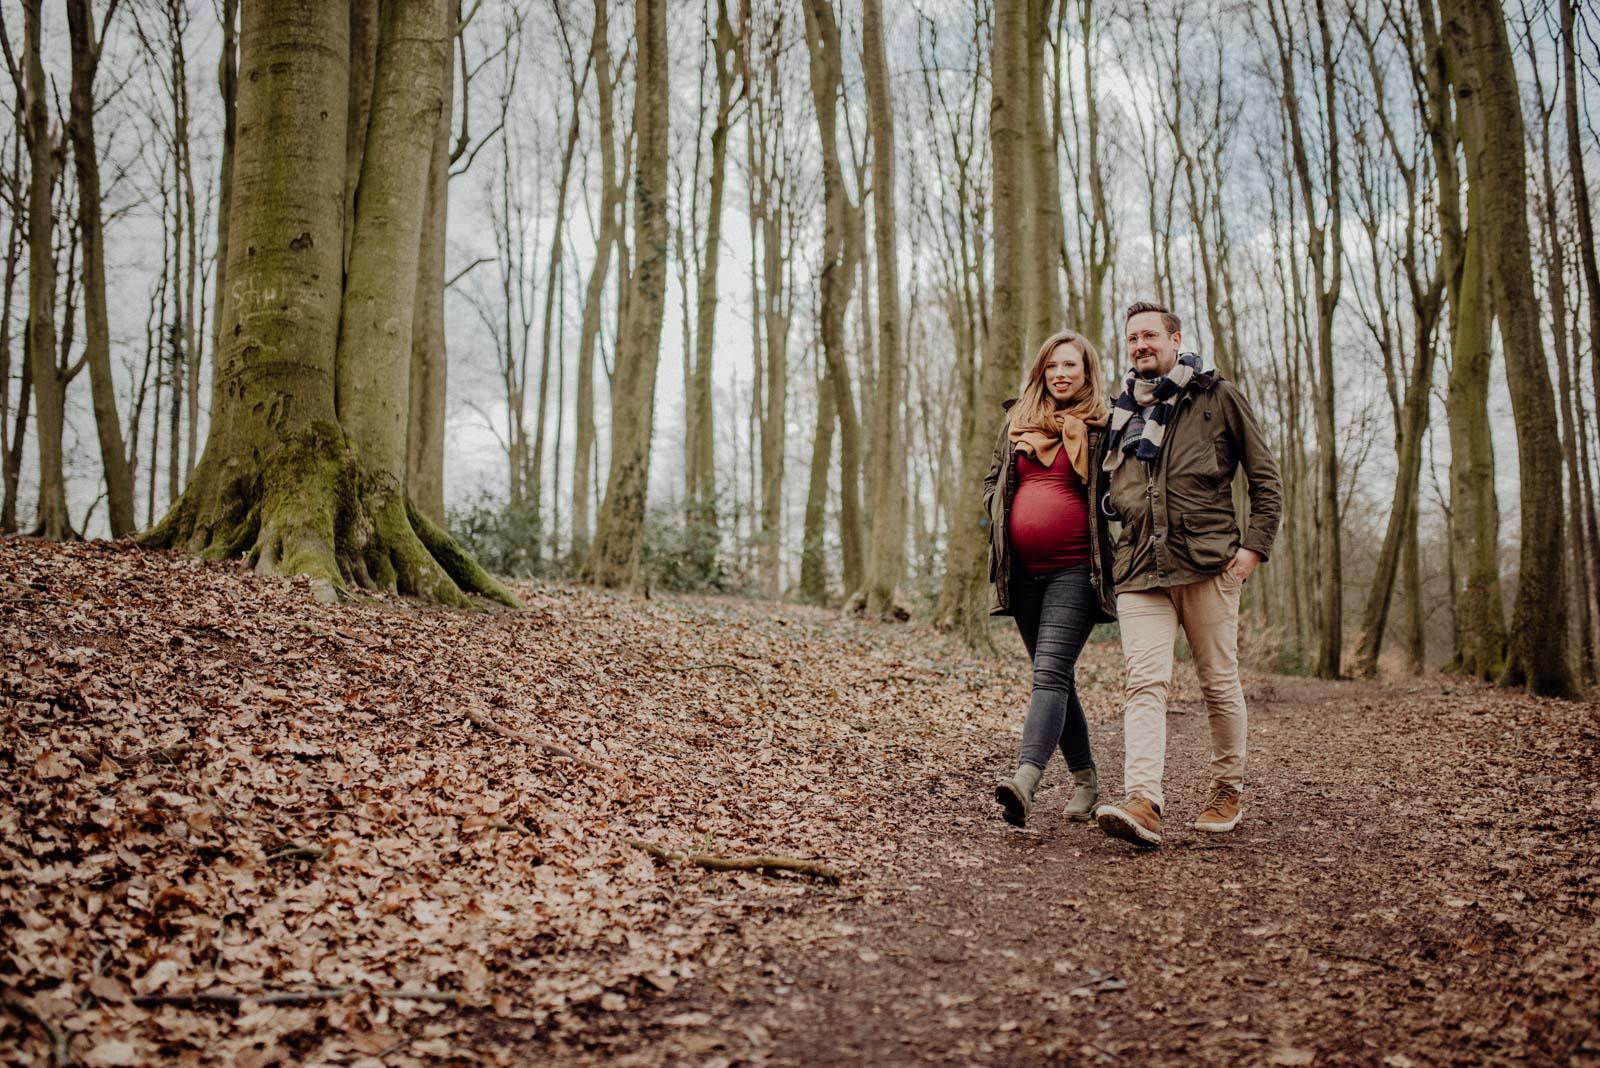 Pärchen mit babybauch geht im Wald spazieren